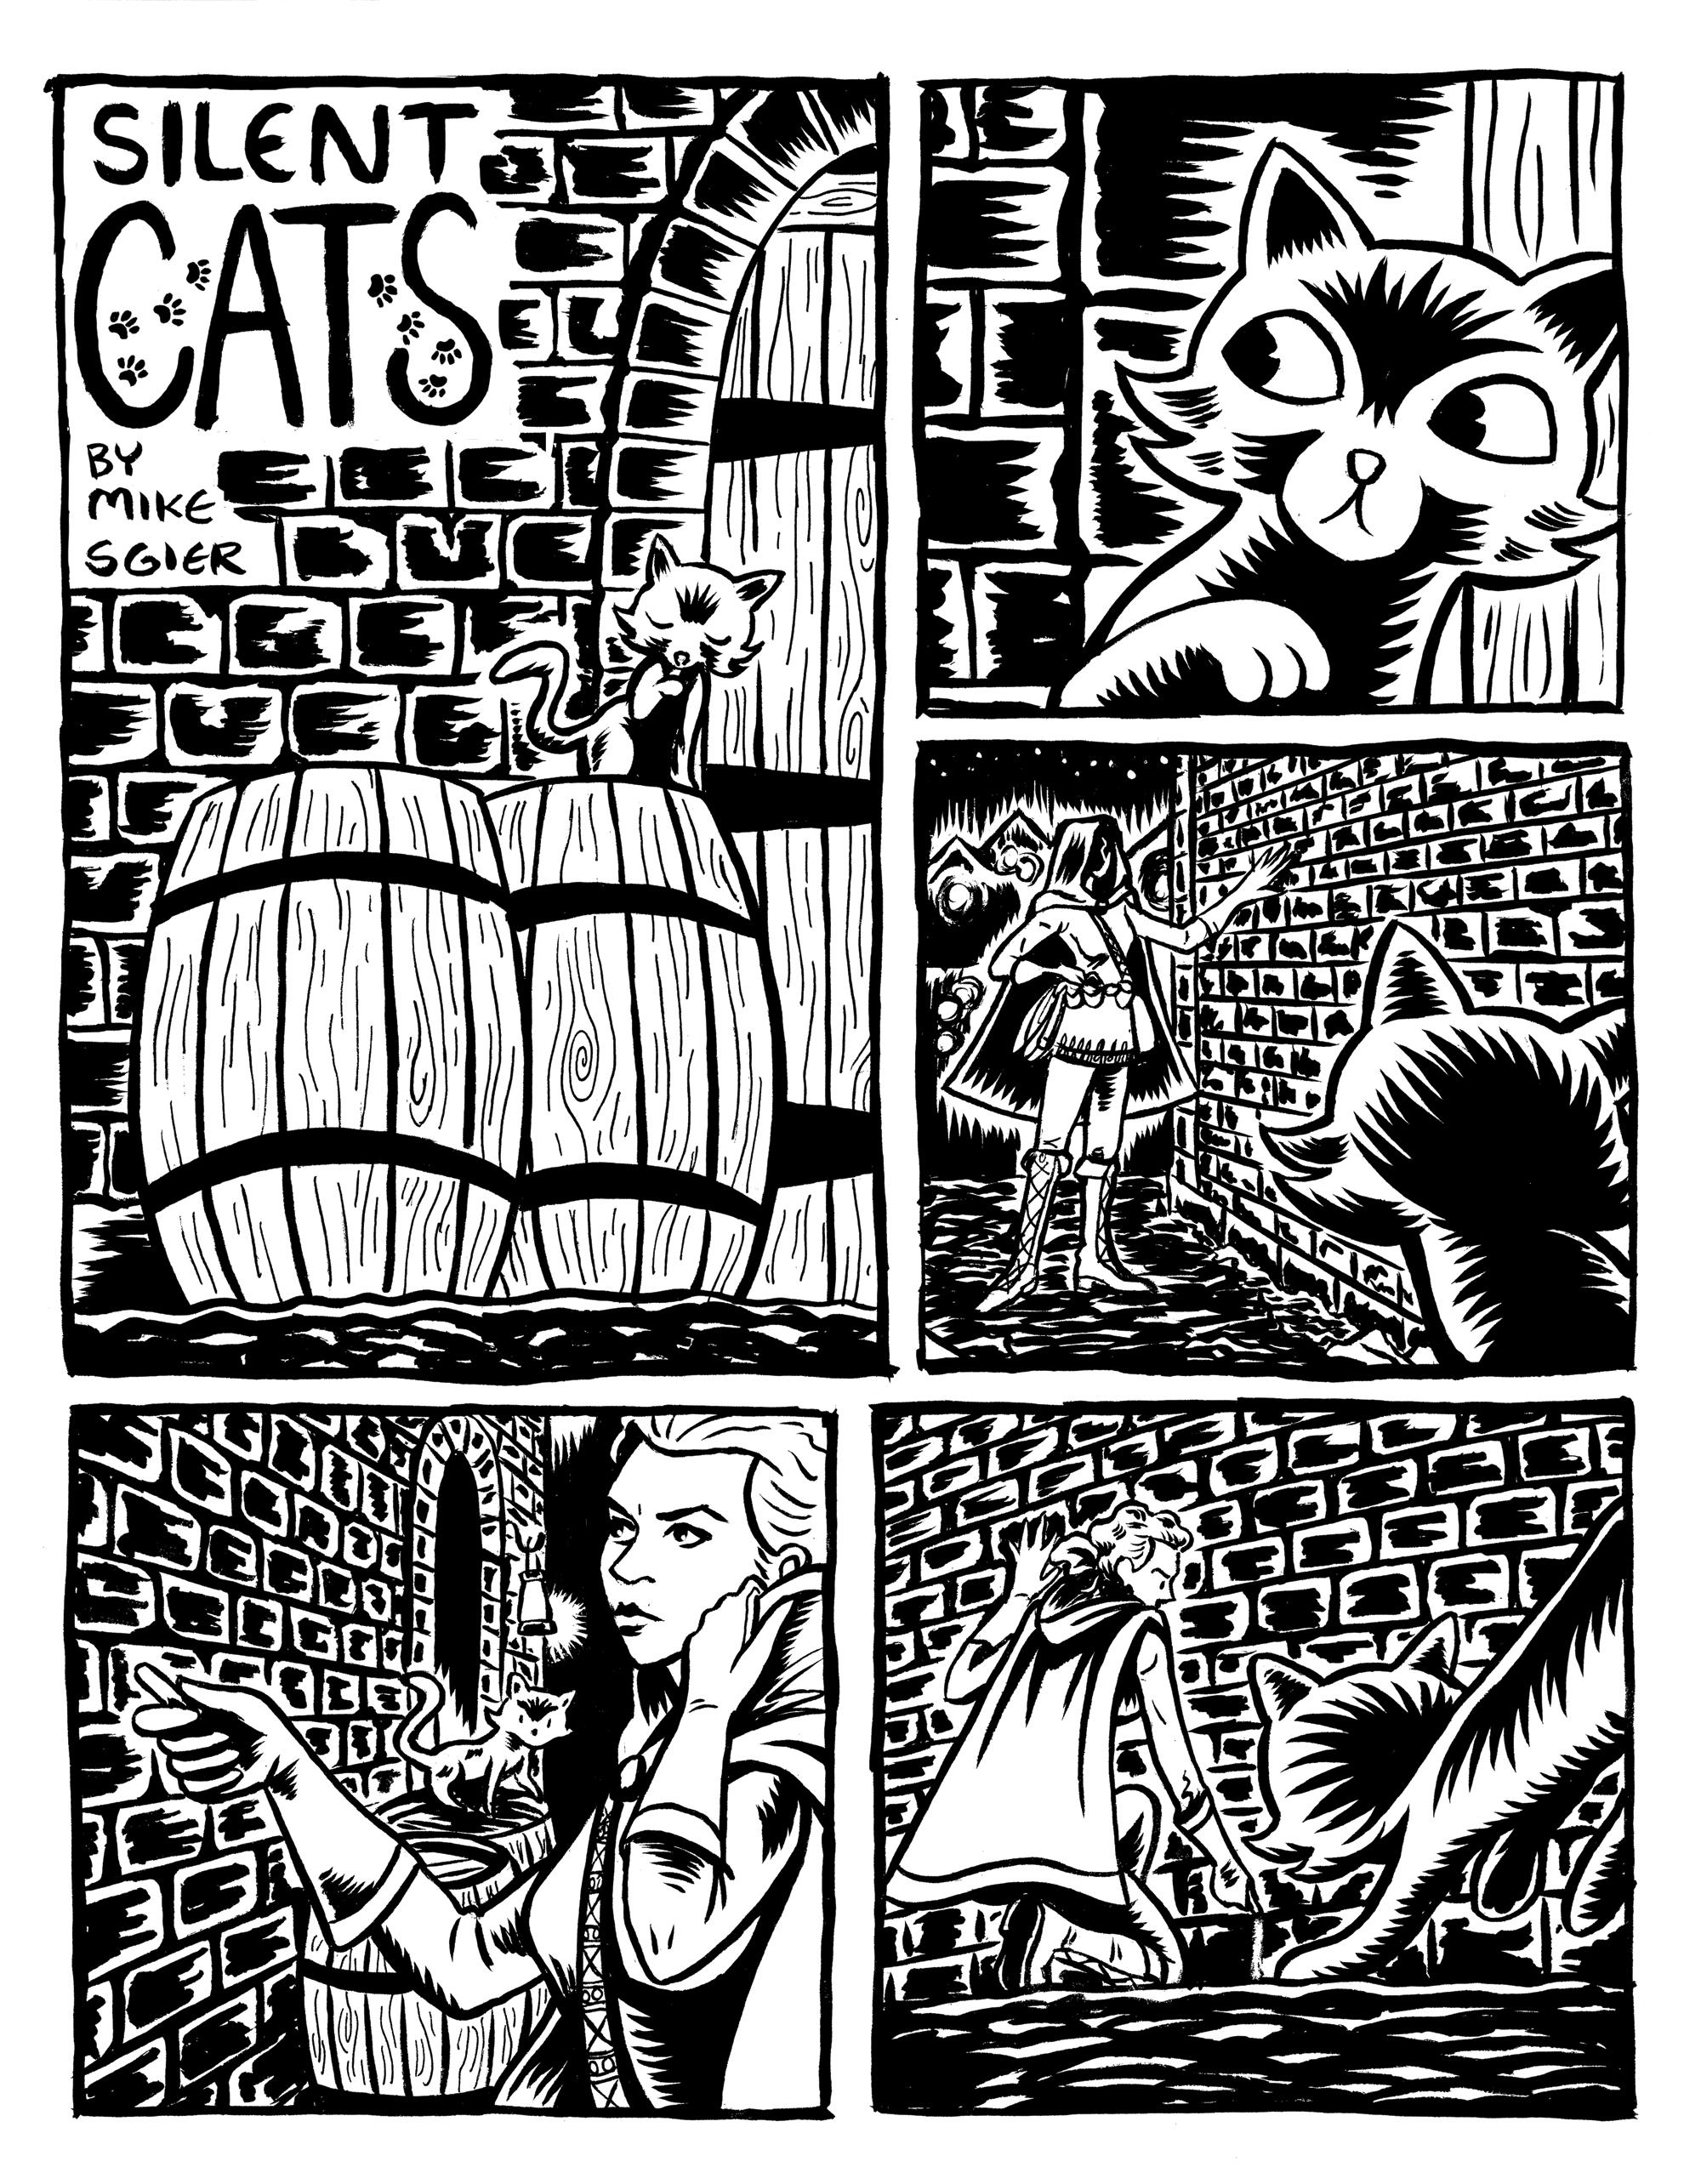 sgier-silent-cats01.jpg